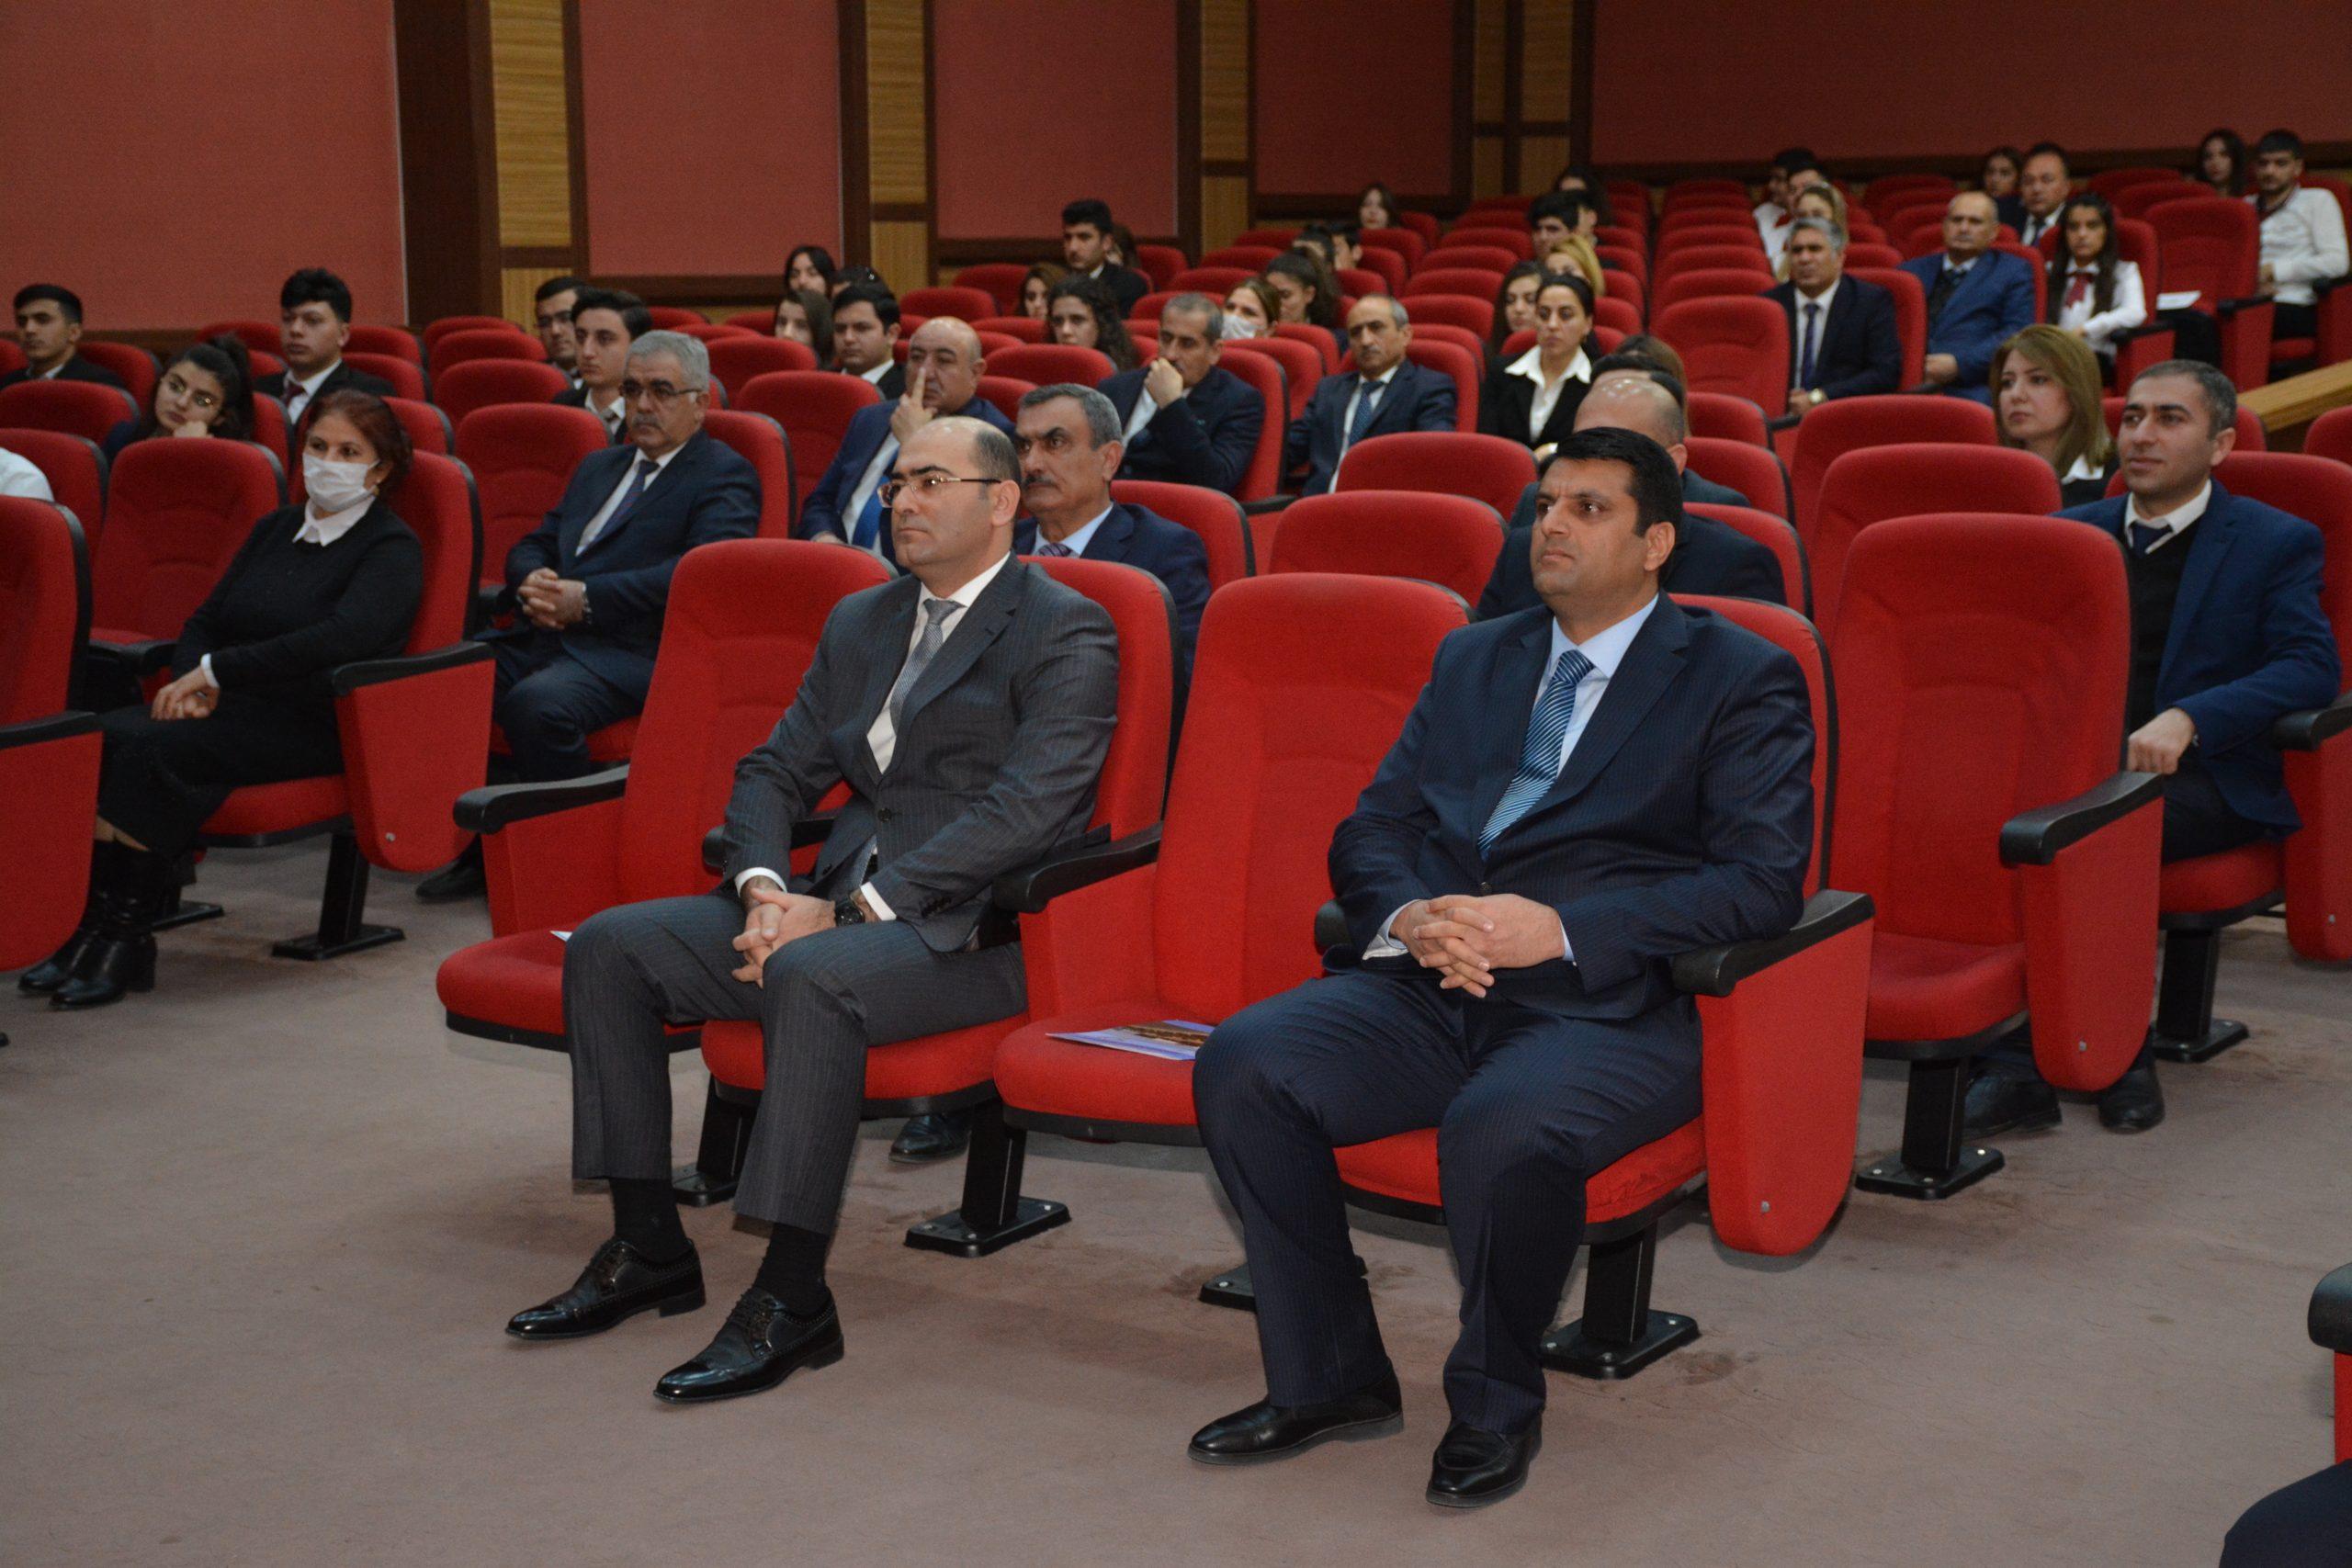 Naxçıvan Dövlət Universiteti Televiziyası muxtar respublikada yayımına başlayıb